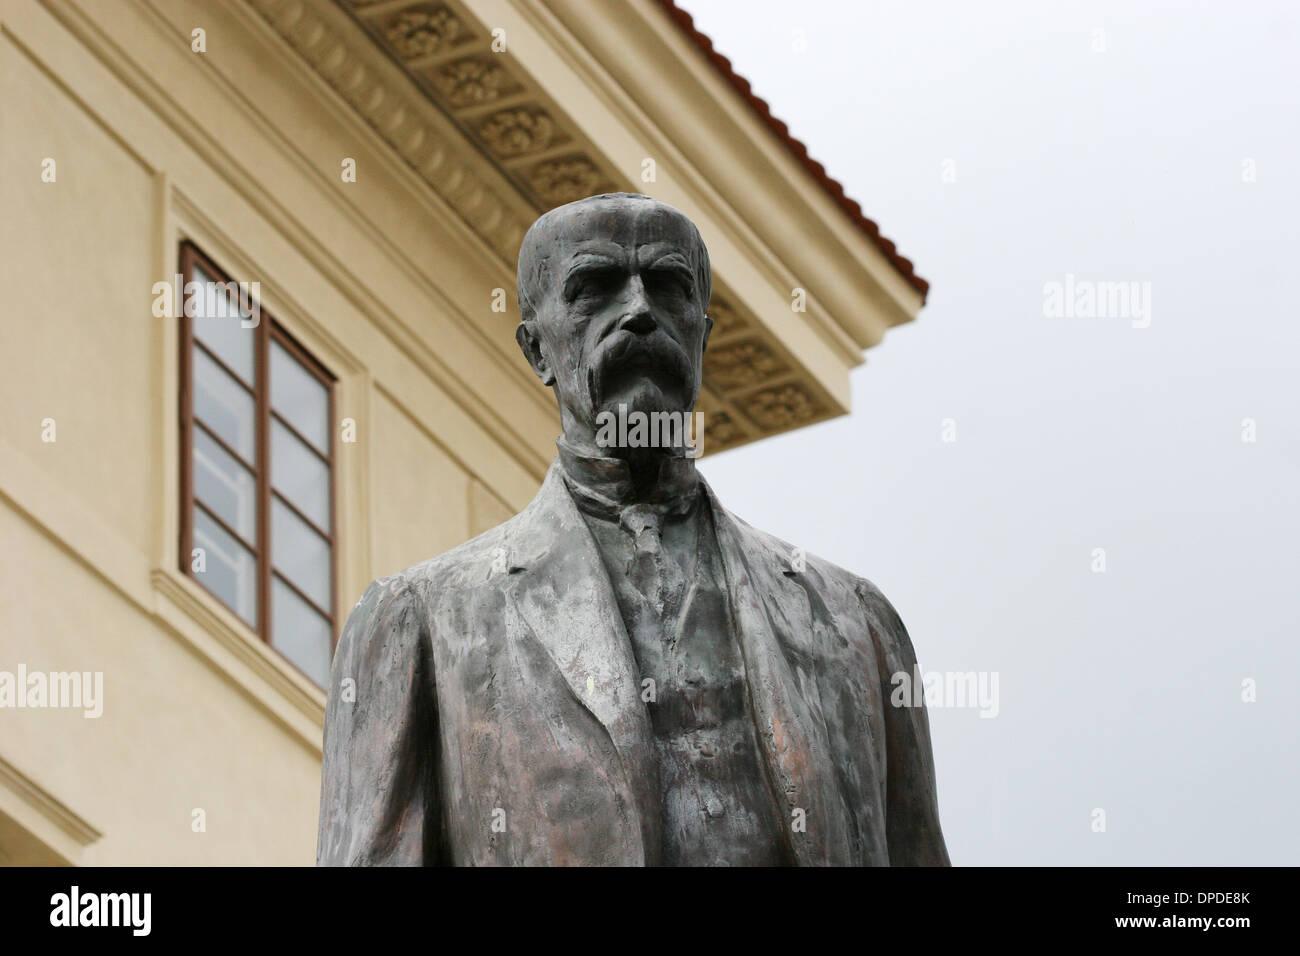 Tomas Garrigue Masaryk (1850-1937). Austrian-Czech politician. First President of czechoslovakia. Statue. Prague. - Stock Image